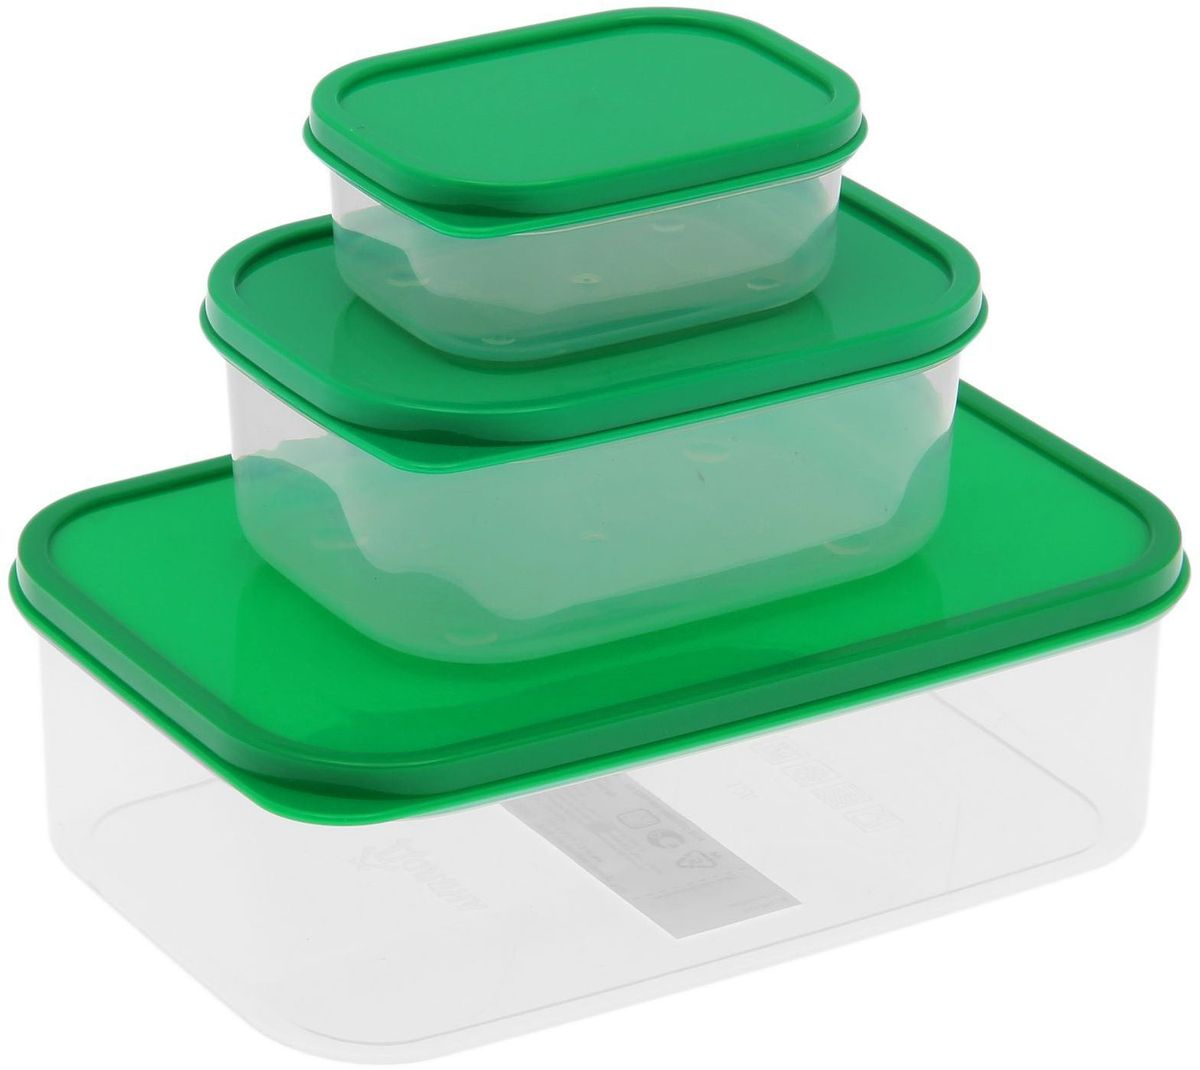 Набор пищевых контейнеров Доляна, цвет: зеленый, 3 штVT-1520(SR)Если после вкусного обеда осталась еда, а насладиться трапезой хочется и на следующий день, ланч-бокс станет отличным решением данной проблемы!Такой контейнер является незаменимым предметом кухонной утвари, ведь у него много преимуществ:Простота ухода. Ланч-бокс достаточно промыть тёплой водой с небольшим количеством чистящего средства, и он снова готов к использованию.Вместительность. Большой выбор форм и объёма поможет разместить разнообразные продукты от сахара до супов.Эргономичность. Ланч-боксы очень легко хранить даже в самой маленькой кухне, так как их можно поставить один в другой по принципу матрёшки.Многофункциональность. Разнообразие цветов и форм делает возможным использование контейнеров не только на кухне, но и в других областях домашнего быта.Любители приготовления обеда на всю семью в большинстве случаев приобретают ланч-боксы наборами, так как это позволяет рассортировать продукты по всевозможным признакам. К тому же контейнеры среднего размера станут незаменимыми помощниками на работе: ведь что может быть приятнее, чем порадовать себя во время обеда прекрасной едой, заботливо сохранённой в контейнере?В качестве материала для изготовления используется пластик, что делает процесс ухода за контейнером ещё более эффективным. К каждому ланч-боксу в комплекте также прилагается крышка подходящего размера, это позволяет плотно и надёжно удерживать запах еды и упрощает процесс транспортировки.Однако рекомендуется соблюдать и меры предосторожности: не использовать пластиковые контейнеры в духовых шкафах и на открытом огне, а также не разогревать в микроволновых печах при закрытой крышке ланч-бокса. Соблюдение мер безопасности позволит продлить срок эксплуатации и сохранить отличный внешний вид изделия.Эргономичный дизайн и многофункциональность таких контейнеров — вот, что является причиной большой популярности данного предмета у каждой хозяйки. А в преддверии лета и дачного сезона такое приобре